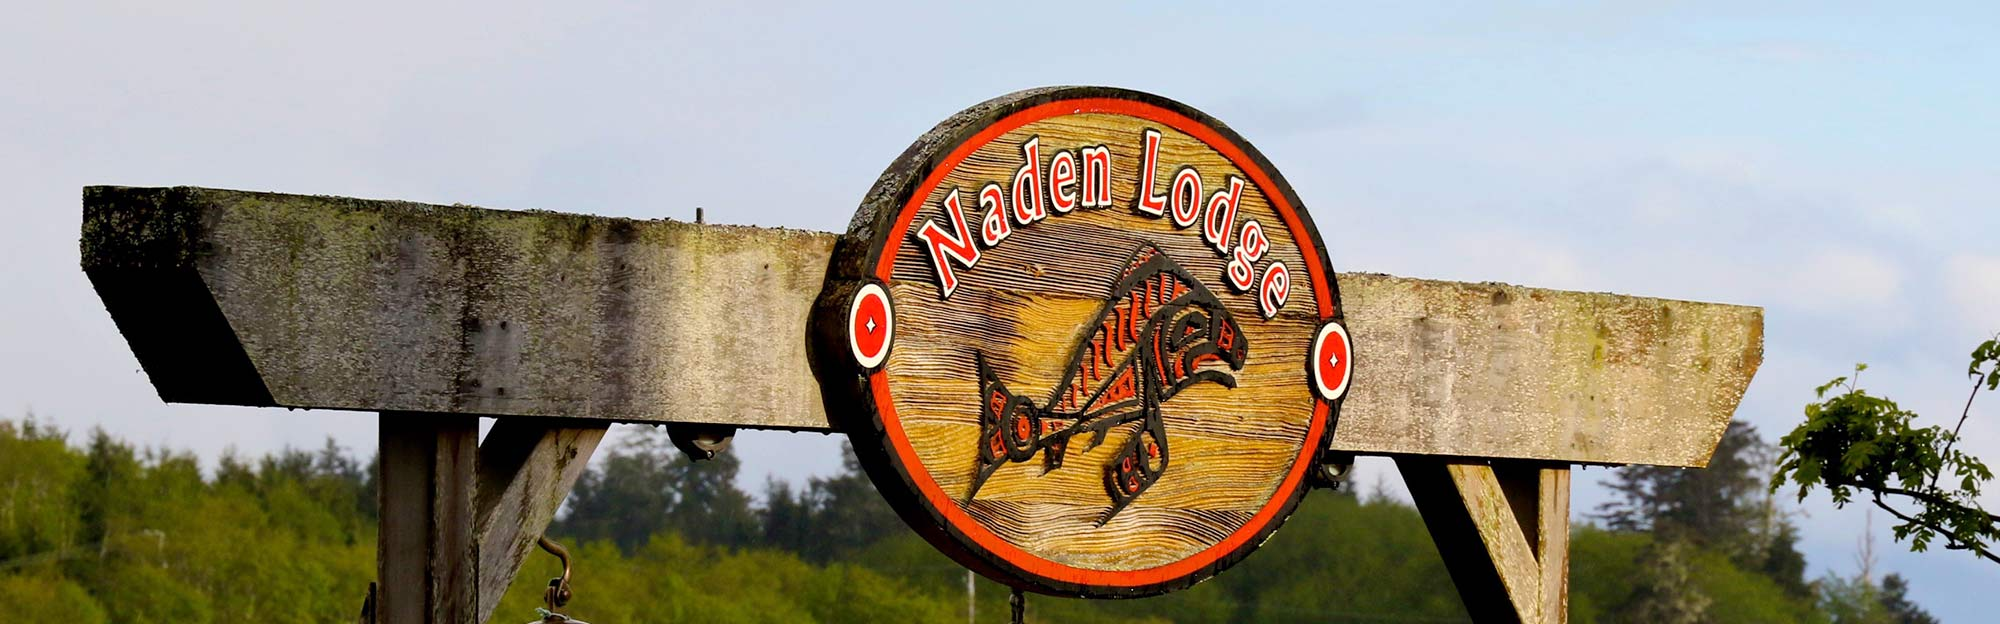 naden-lodge-haida-gwaii